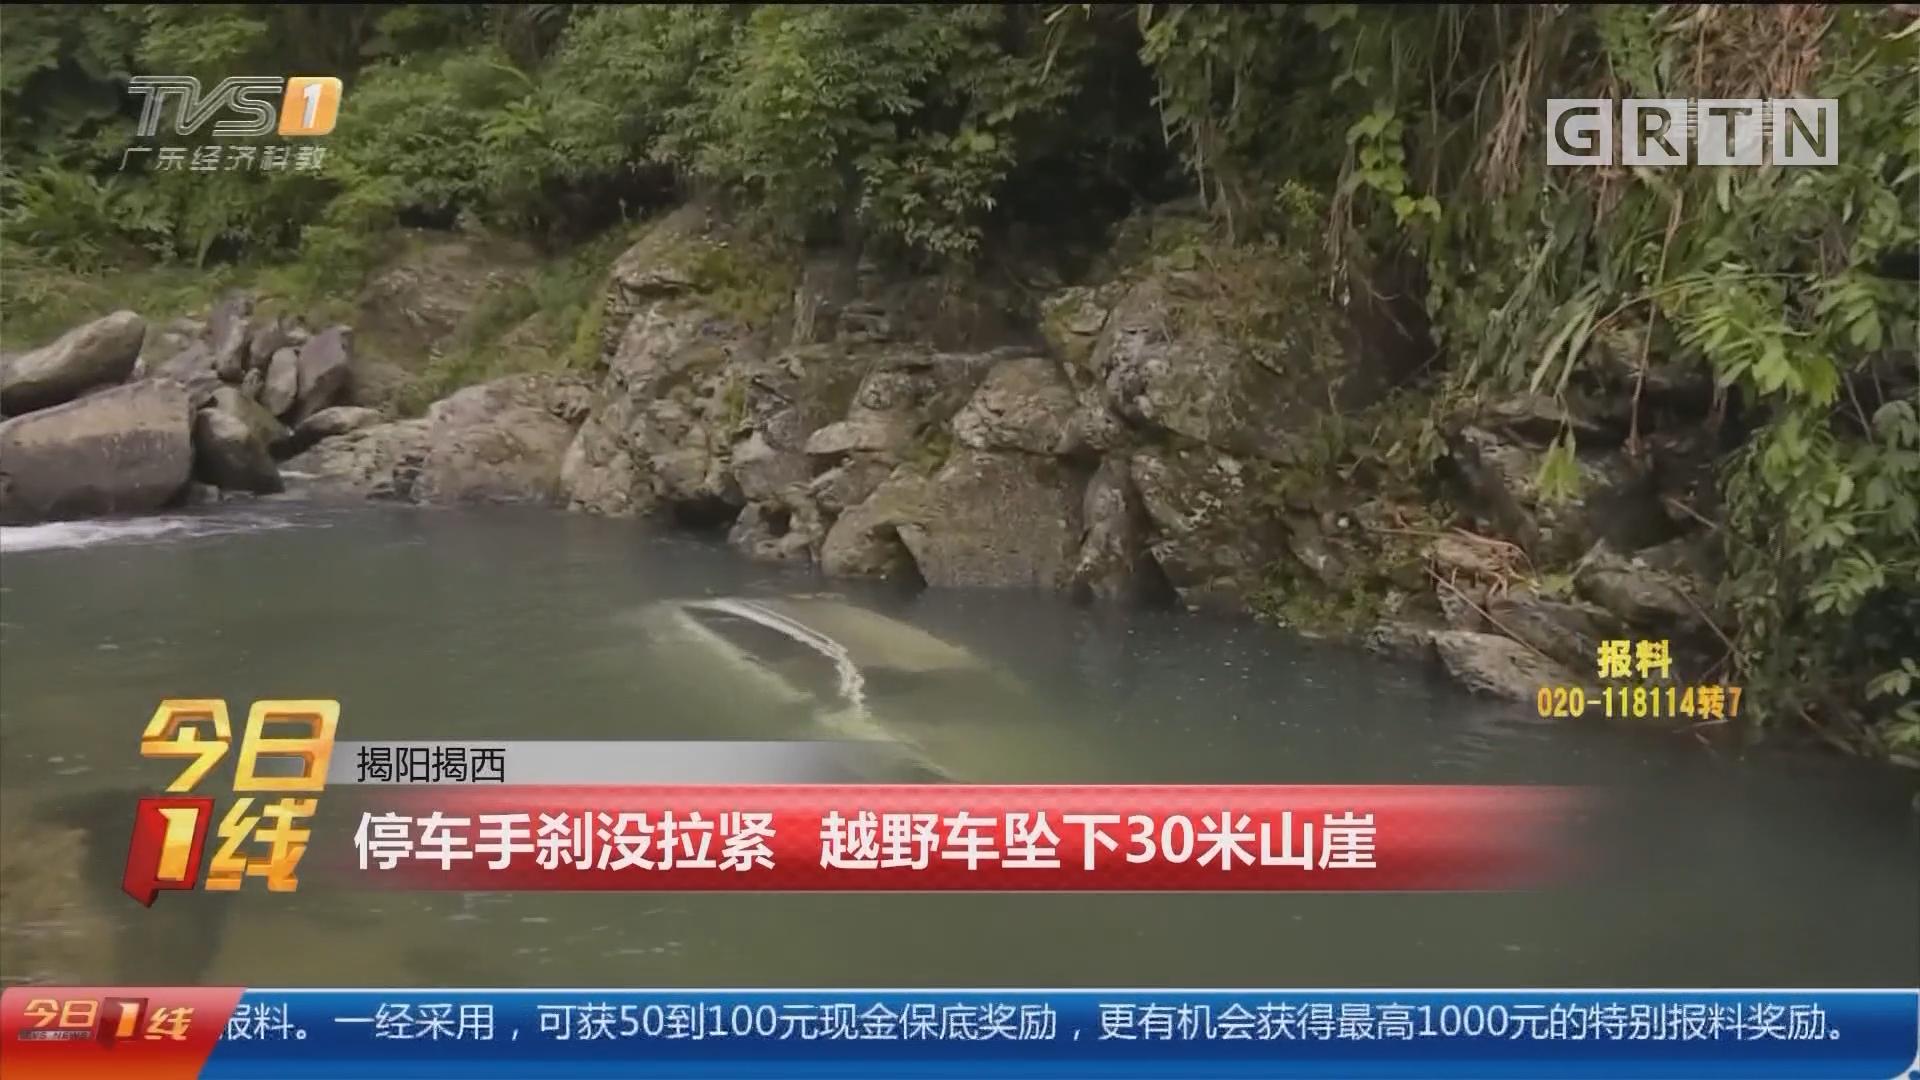 揭阳揭西:停车手刹没拉紧 越野车坠下30米山崖